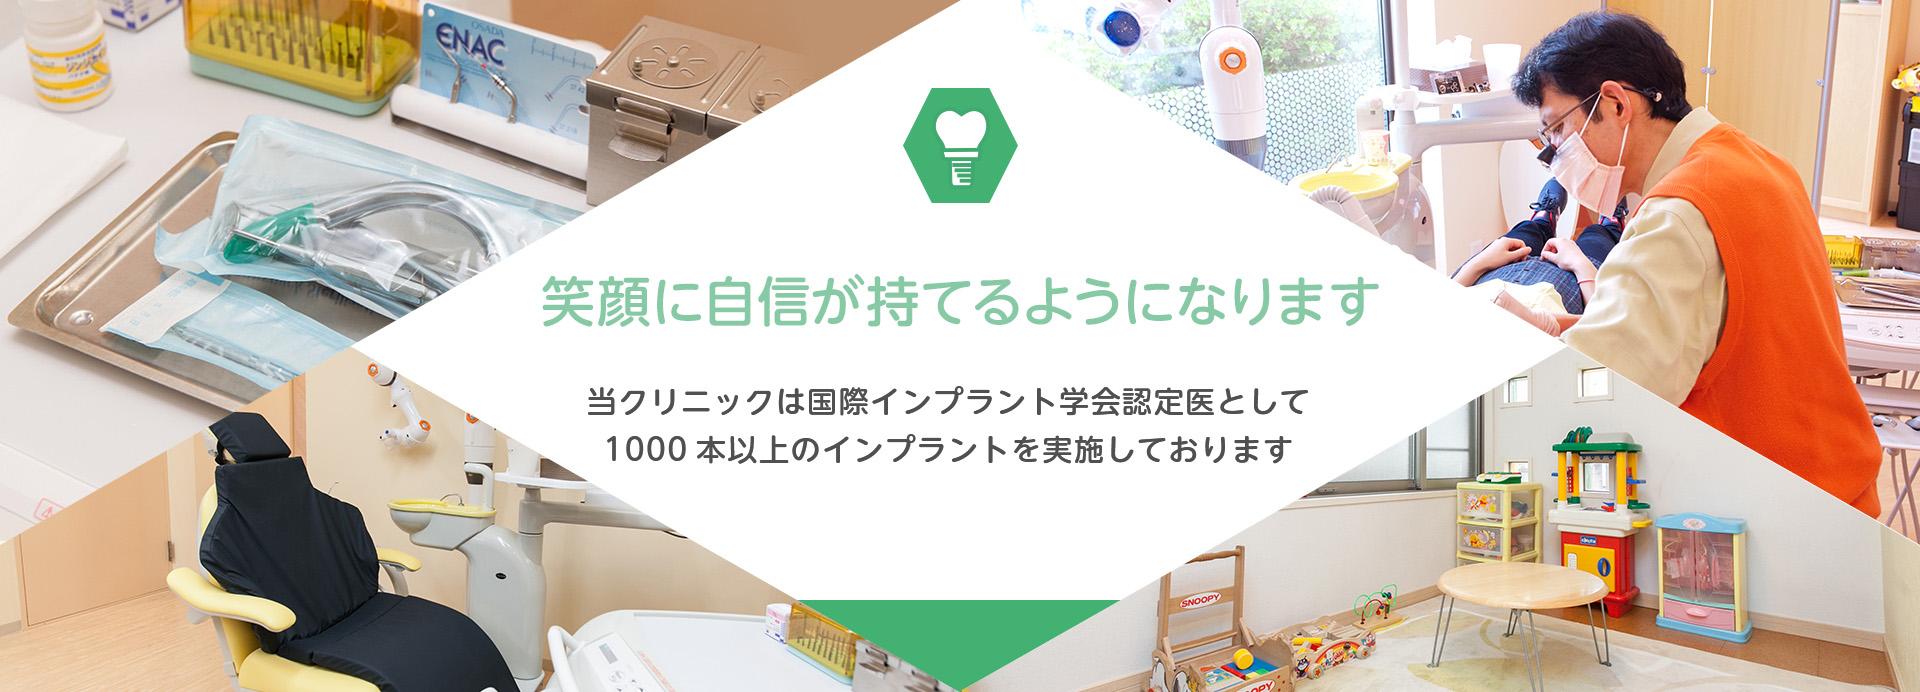 原田歯科クリニック インプラントサイト